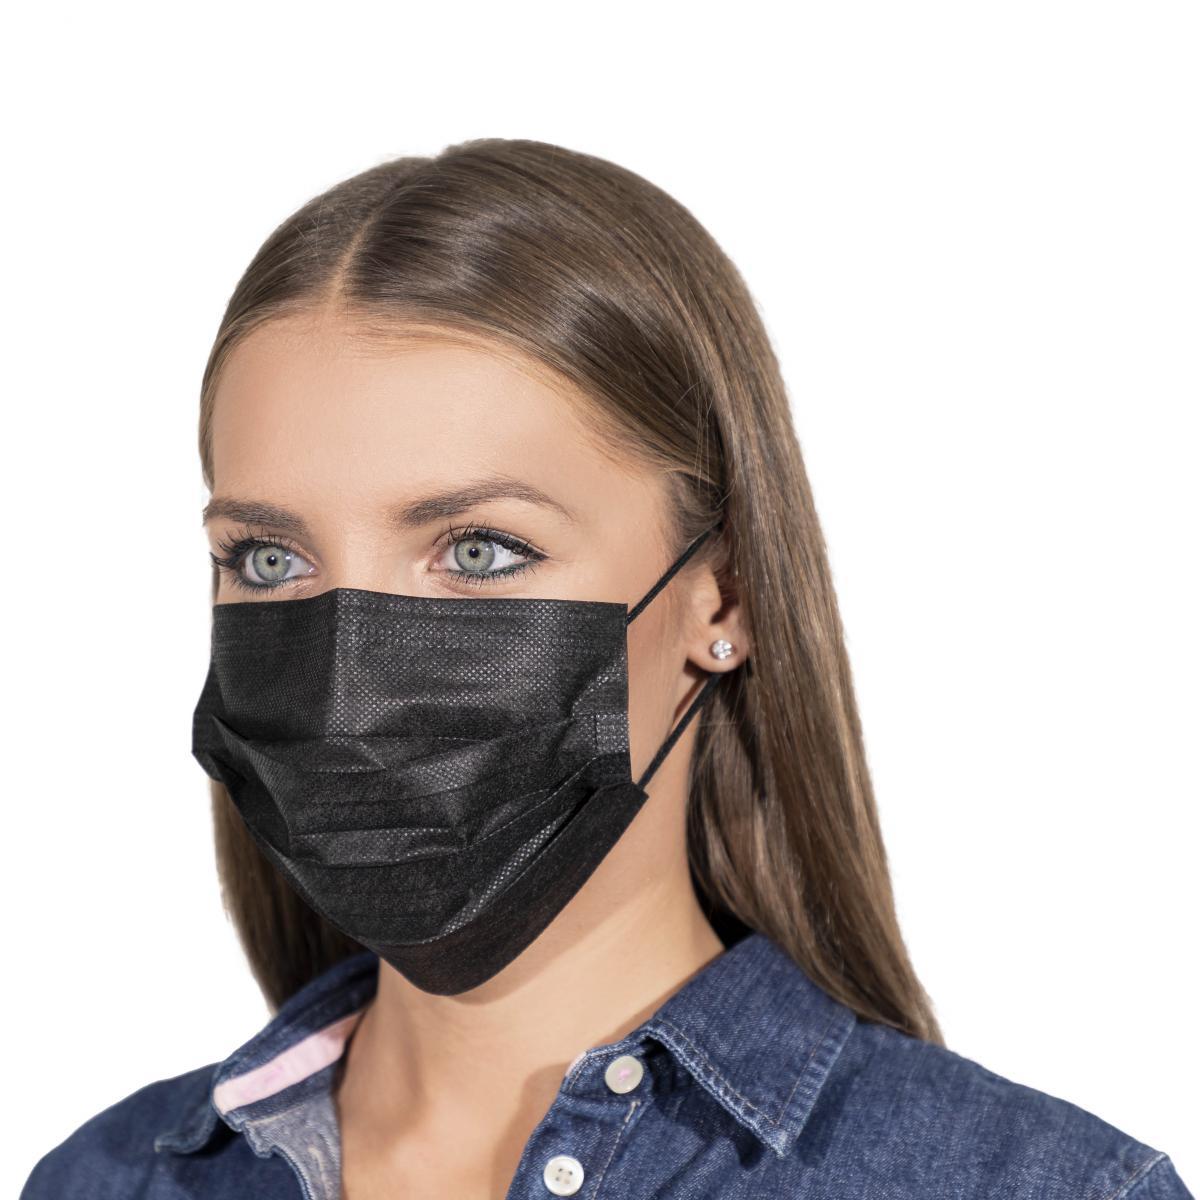 Čierne ochranné rúško na ústa chirurgické certifikované – 10 ks